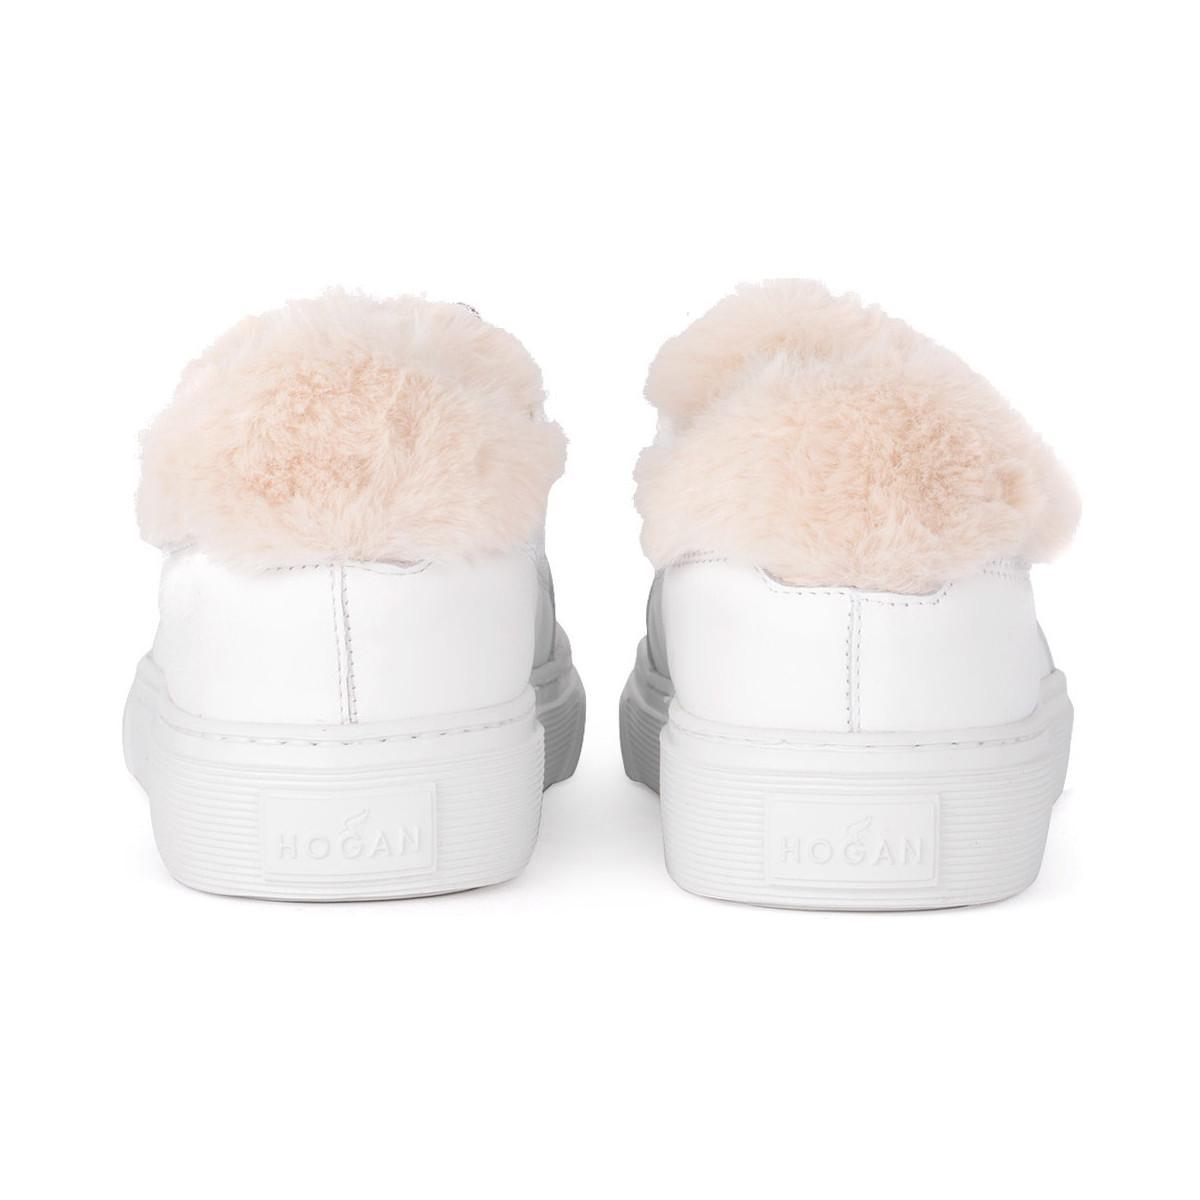 33b81457030e85 Hogan - White Basket modèle H340 en cuir blanc avec mouton femmes Chaussures  en blanc -. Afficher en plein écran